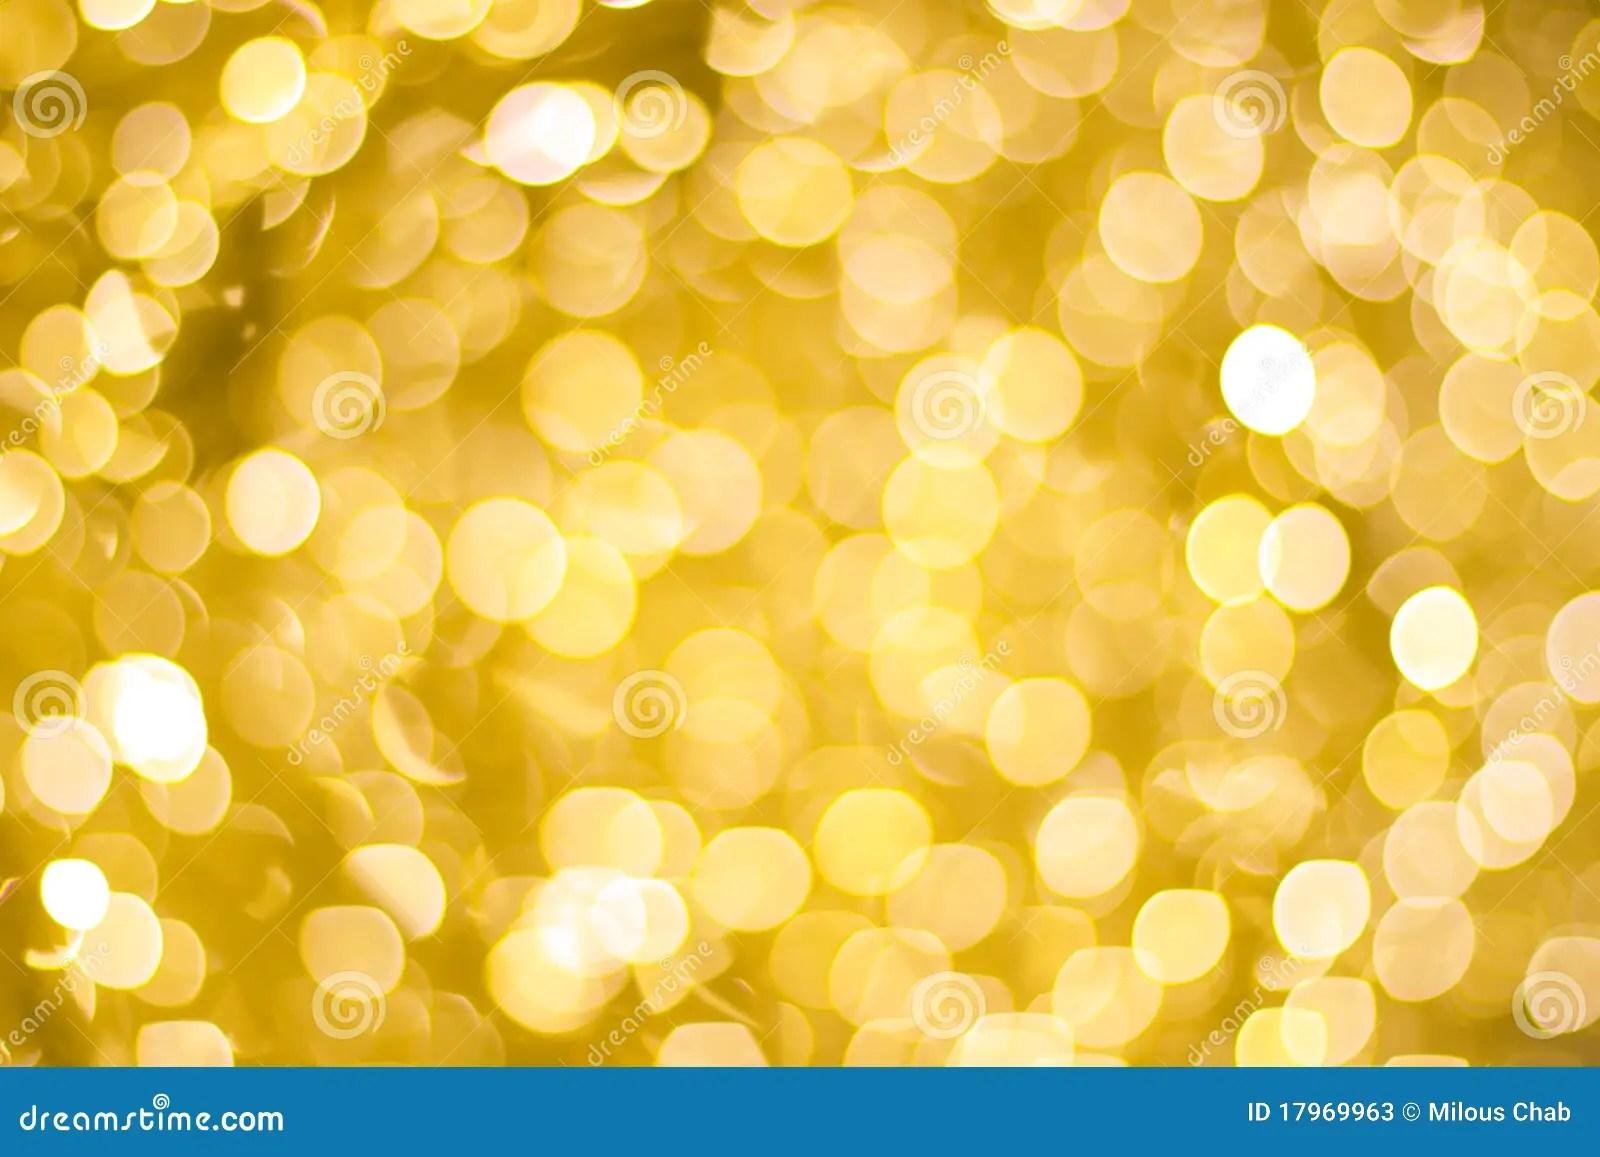 Christmas Lights Yellow